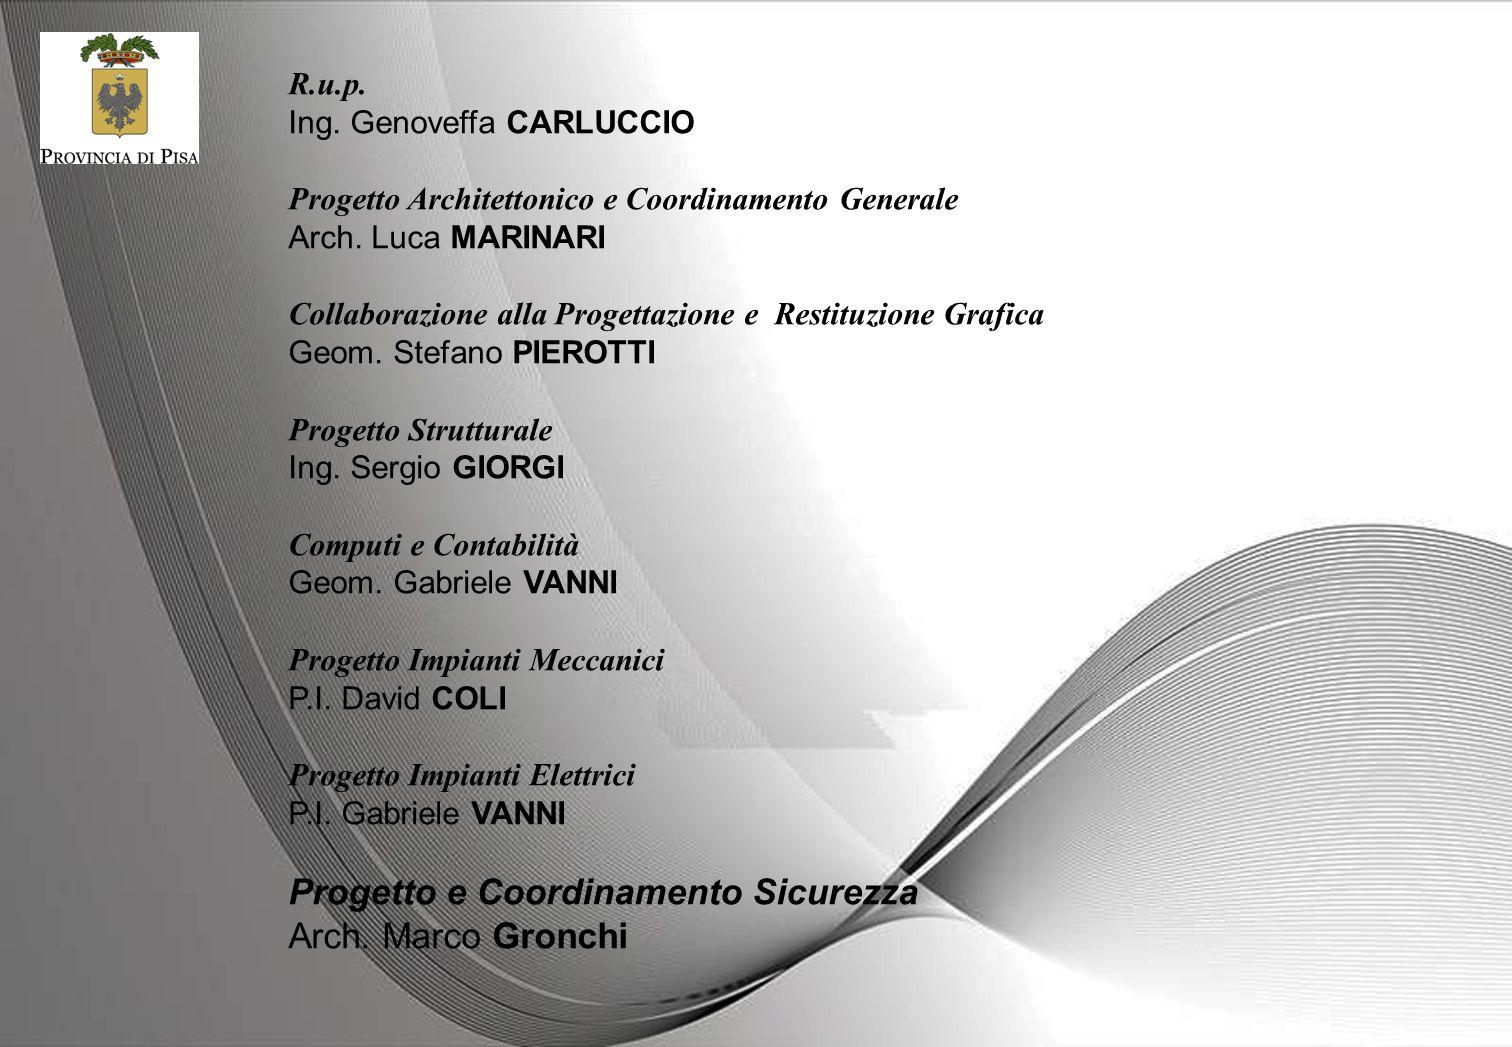 R.u.p. Ing. Genoveffa CARLUCCIO Progetto Architettonico e Coordinamento Generale Arch. Luca MARINARI Collaborazione alla Progettazione e Restituzione